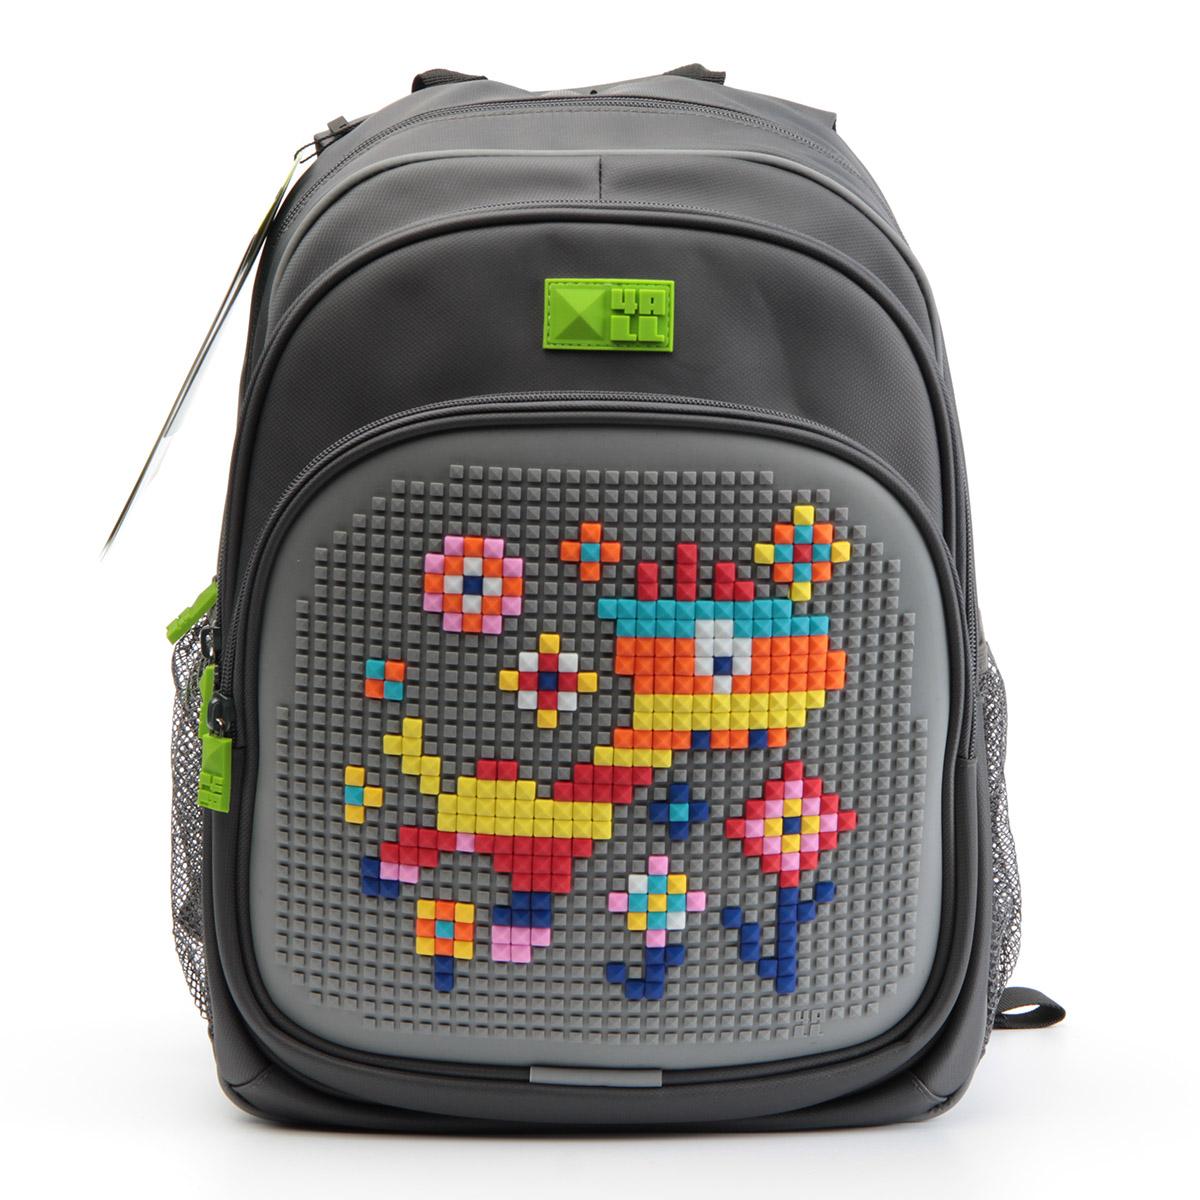 4ALL Рюкзак Kids цвет серыйRK61-12NРюкзак 4ALL - это одновременно яркий, функциональный школьный аксессуар и площадка для самовыражения. Уникальные рюкзаки Kids имеют гипоаллергенную силиконовую панель и разноцветные мозаичные биты, с помощью которых на рюкзаке можно создавать графические шедевры хоть каждый день!Модель выполнена из полиэстера с водоотталкивающей пропиткой. Рюкзак имеет 2 отделения, снаружи расположены 3 кармана (передний - на молнии, боковые - сетчатые). Система Air Comfort System обеспечивает свободную циркуляцию воздуха между задней стенкой рюкзака и спиной ребенка. Система Ergo System служит равномерному распределению нагрузки на спину ребенка, сохранению правильной осанки. Она способна сделать рюкзак, наполненный учебниками, легким.Ортопедическая спинка как корсет поддерживает позвоночник, правильно распределяя нагрузку. Простая и удобная конструкция спины и лямок позволяет использовать рюкзак даже деткам от 3-х лет.Светоотражающие вставки отвечают за безопасность ребенка в темное время суток.В комплекте 1 упаковка разноцветных пикселей-битов (300 штук) и инструкция для создания базовой картинки. Работа с мелкими битами позволяет дополнительно развивать мелкую моторику рук малыша.